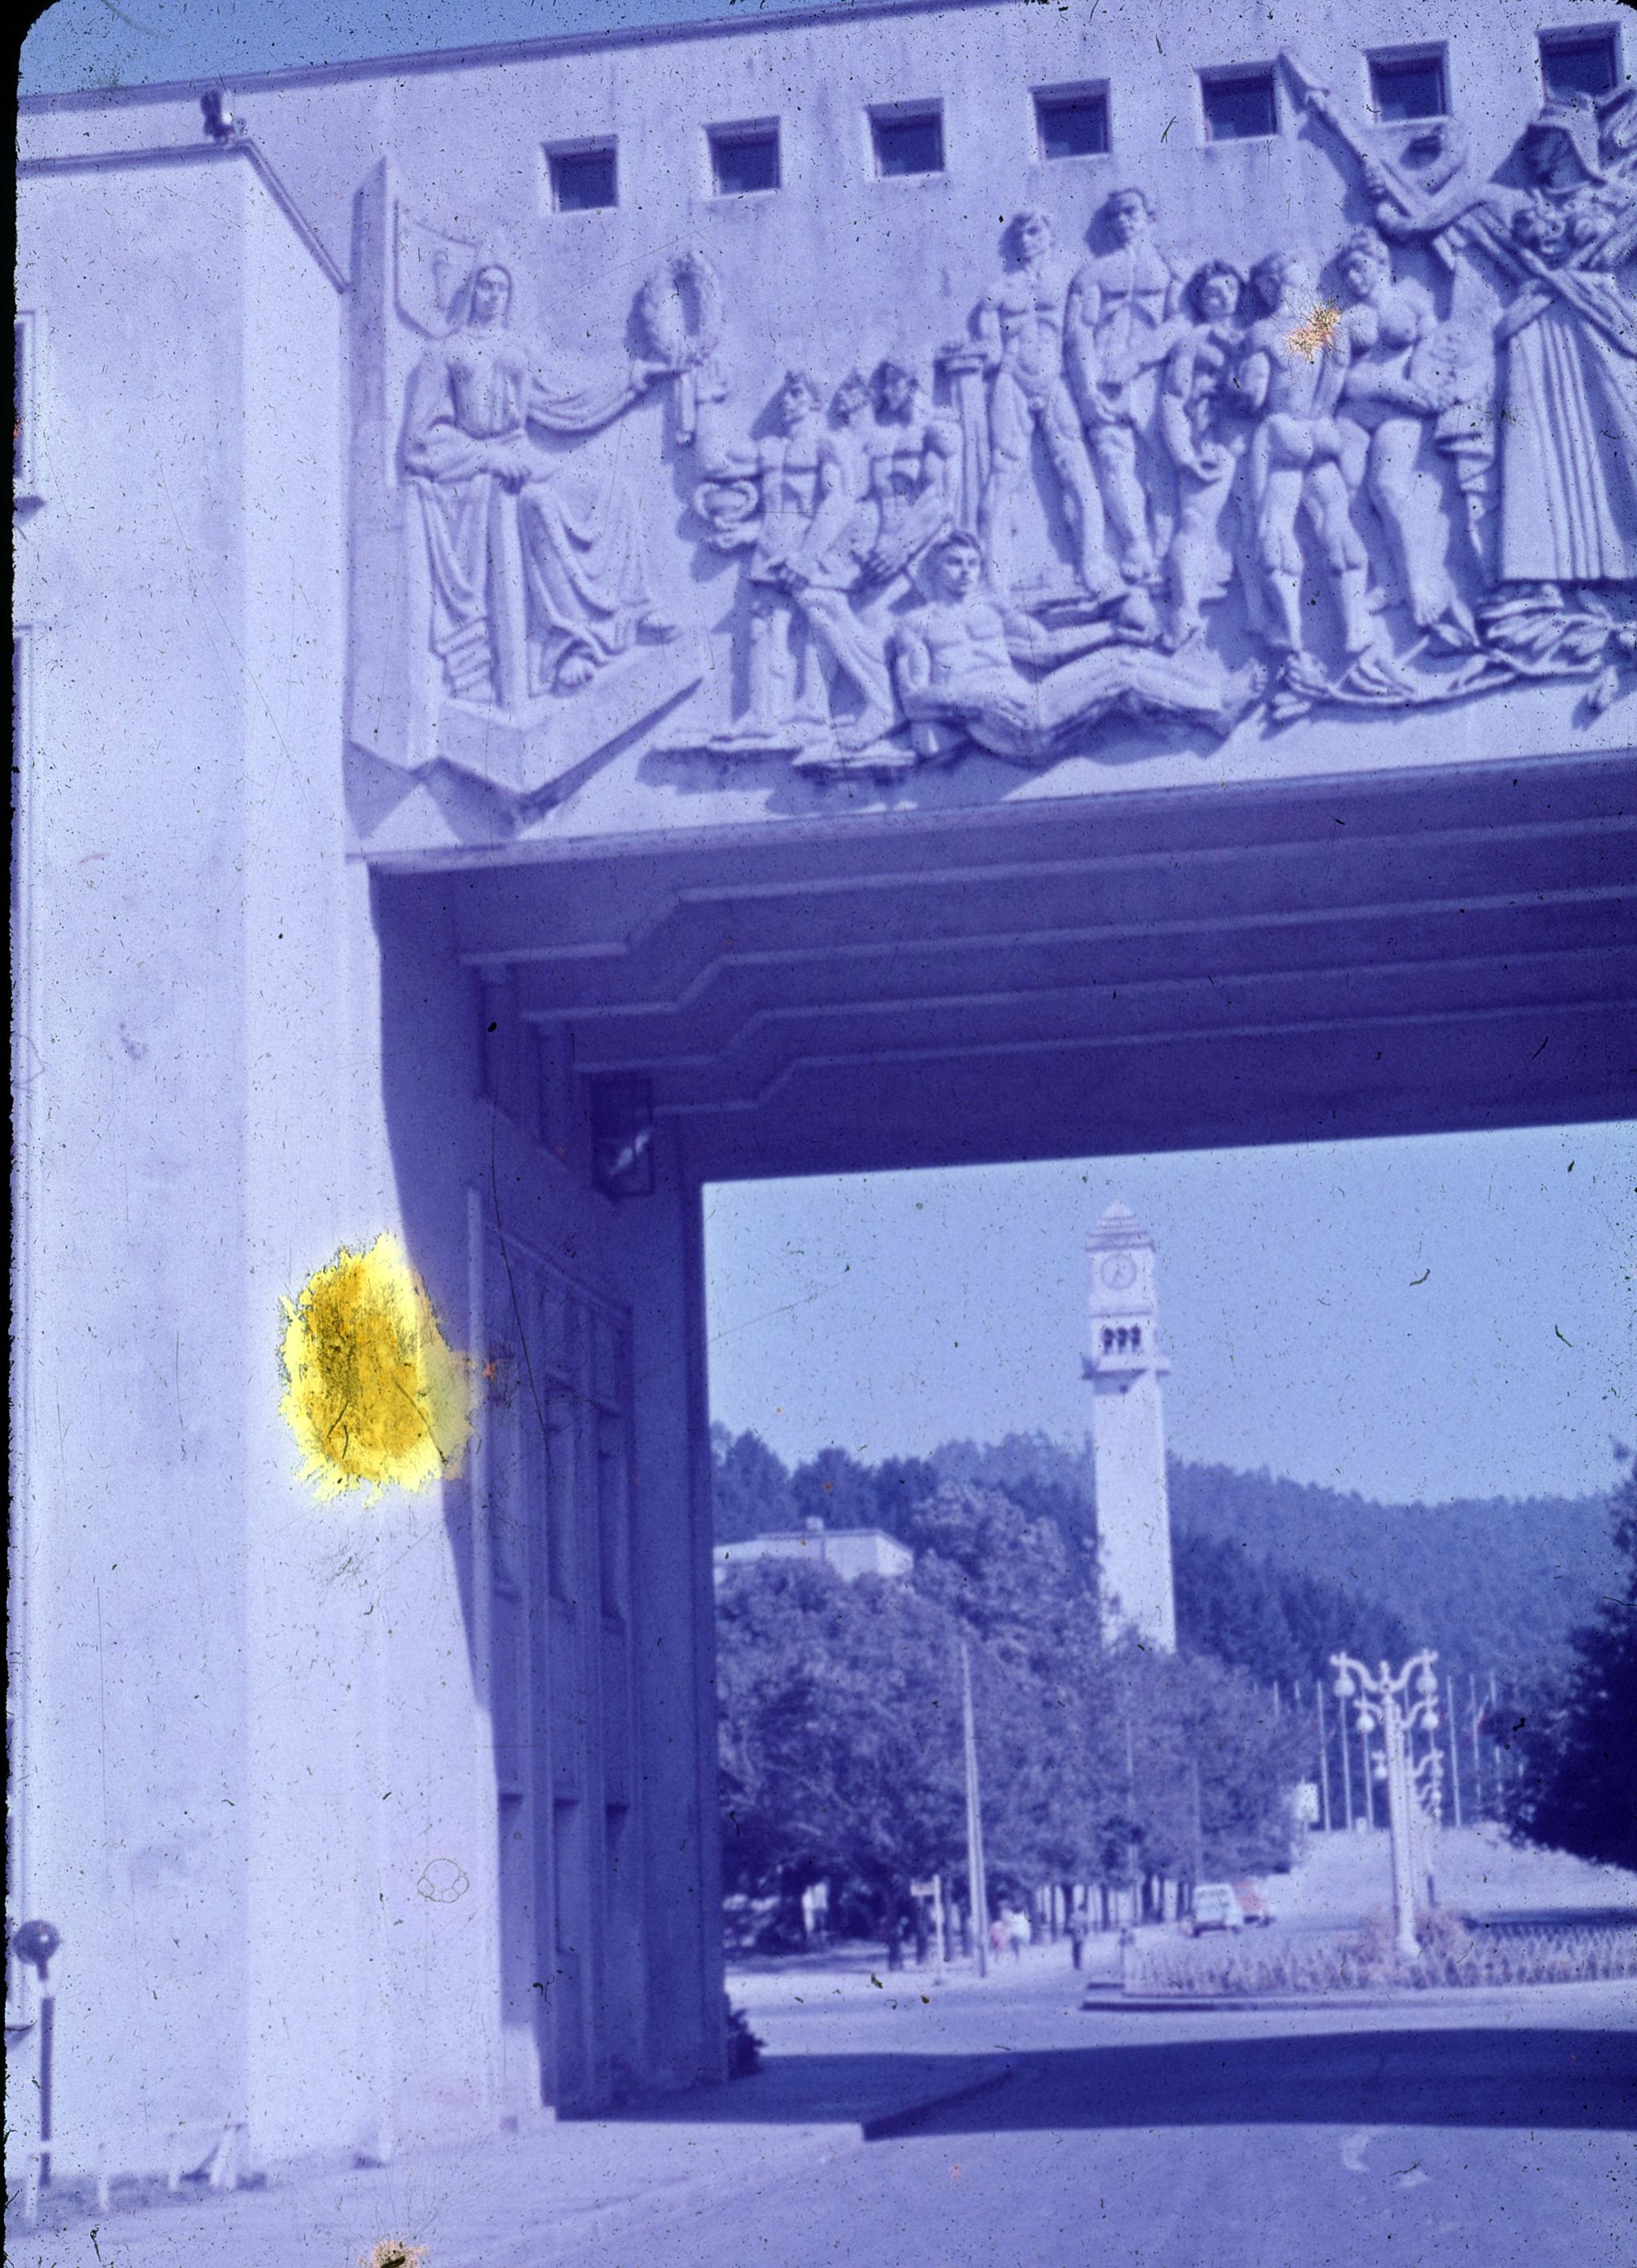 Enterreno - Fotos históricas de chile - fotos antiguas de Chile - Arco Universidad de Concepción